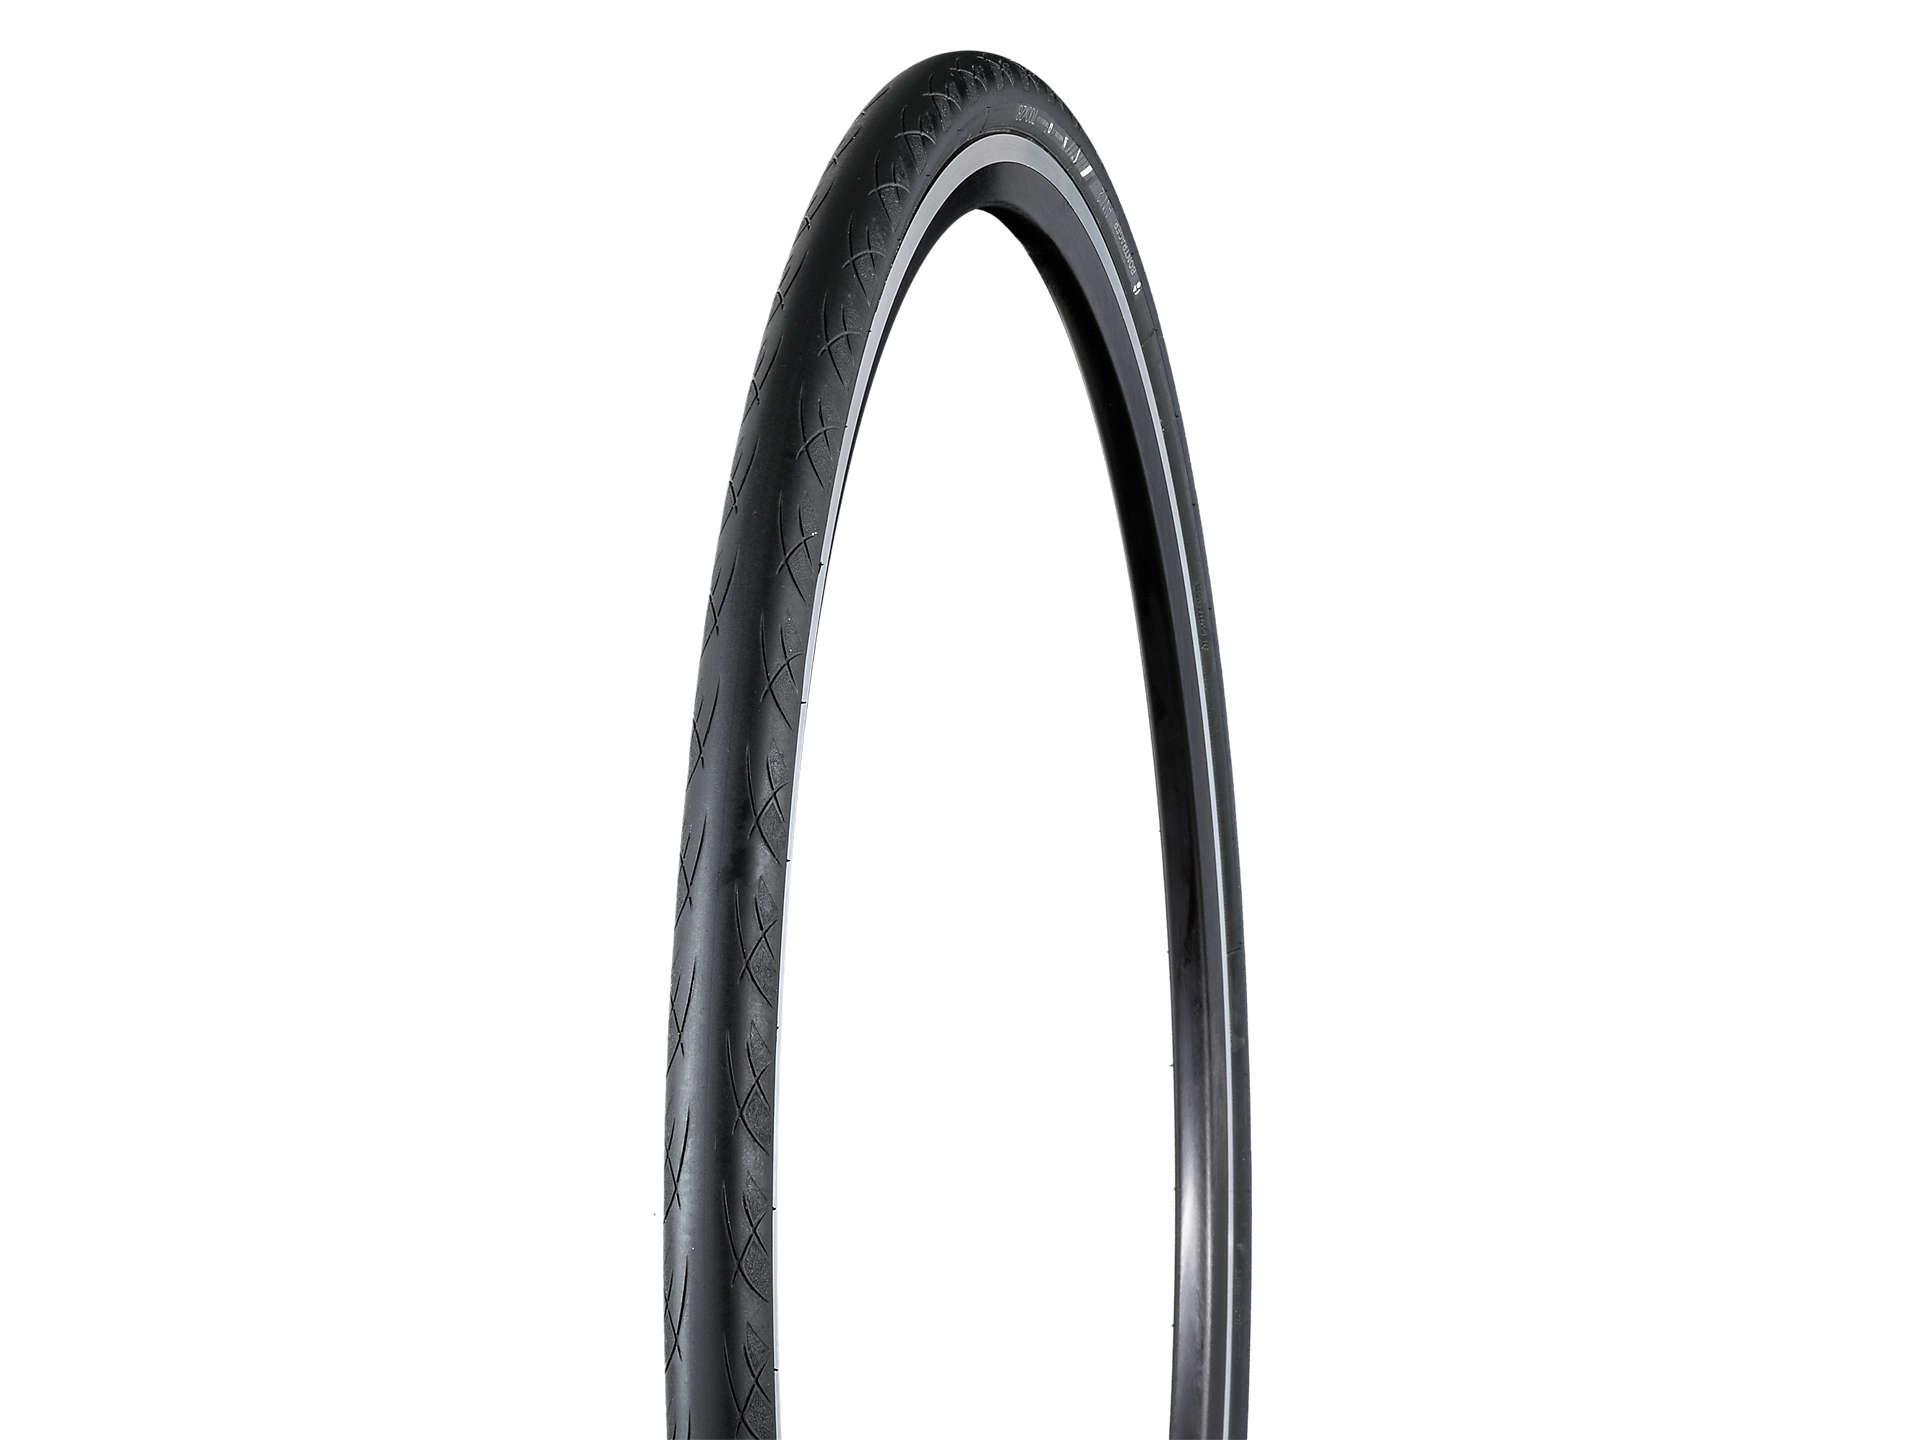 Bontrager Bontrager AW2 HardCase Lite TLR (Tubeless Ready) Road Tyre700